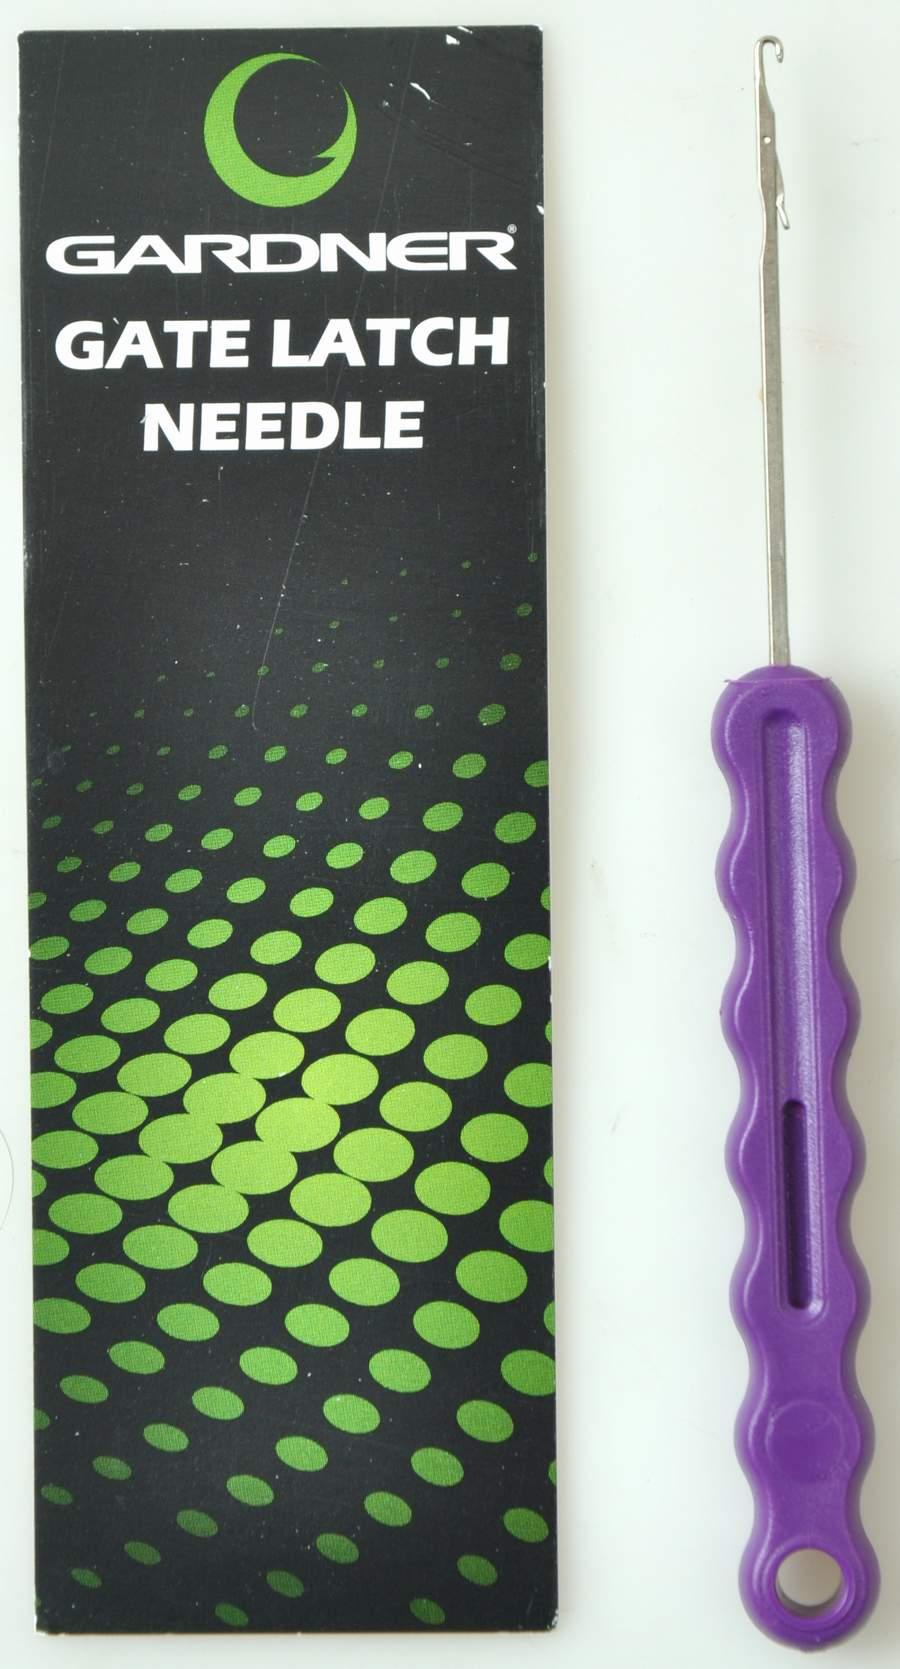 Gardner gate latch needle fra N/A på fiskegrej.dk